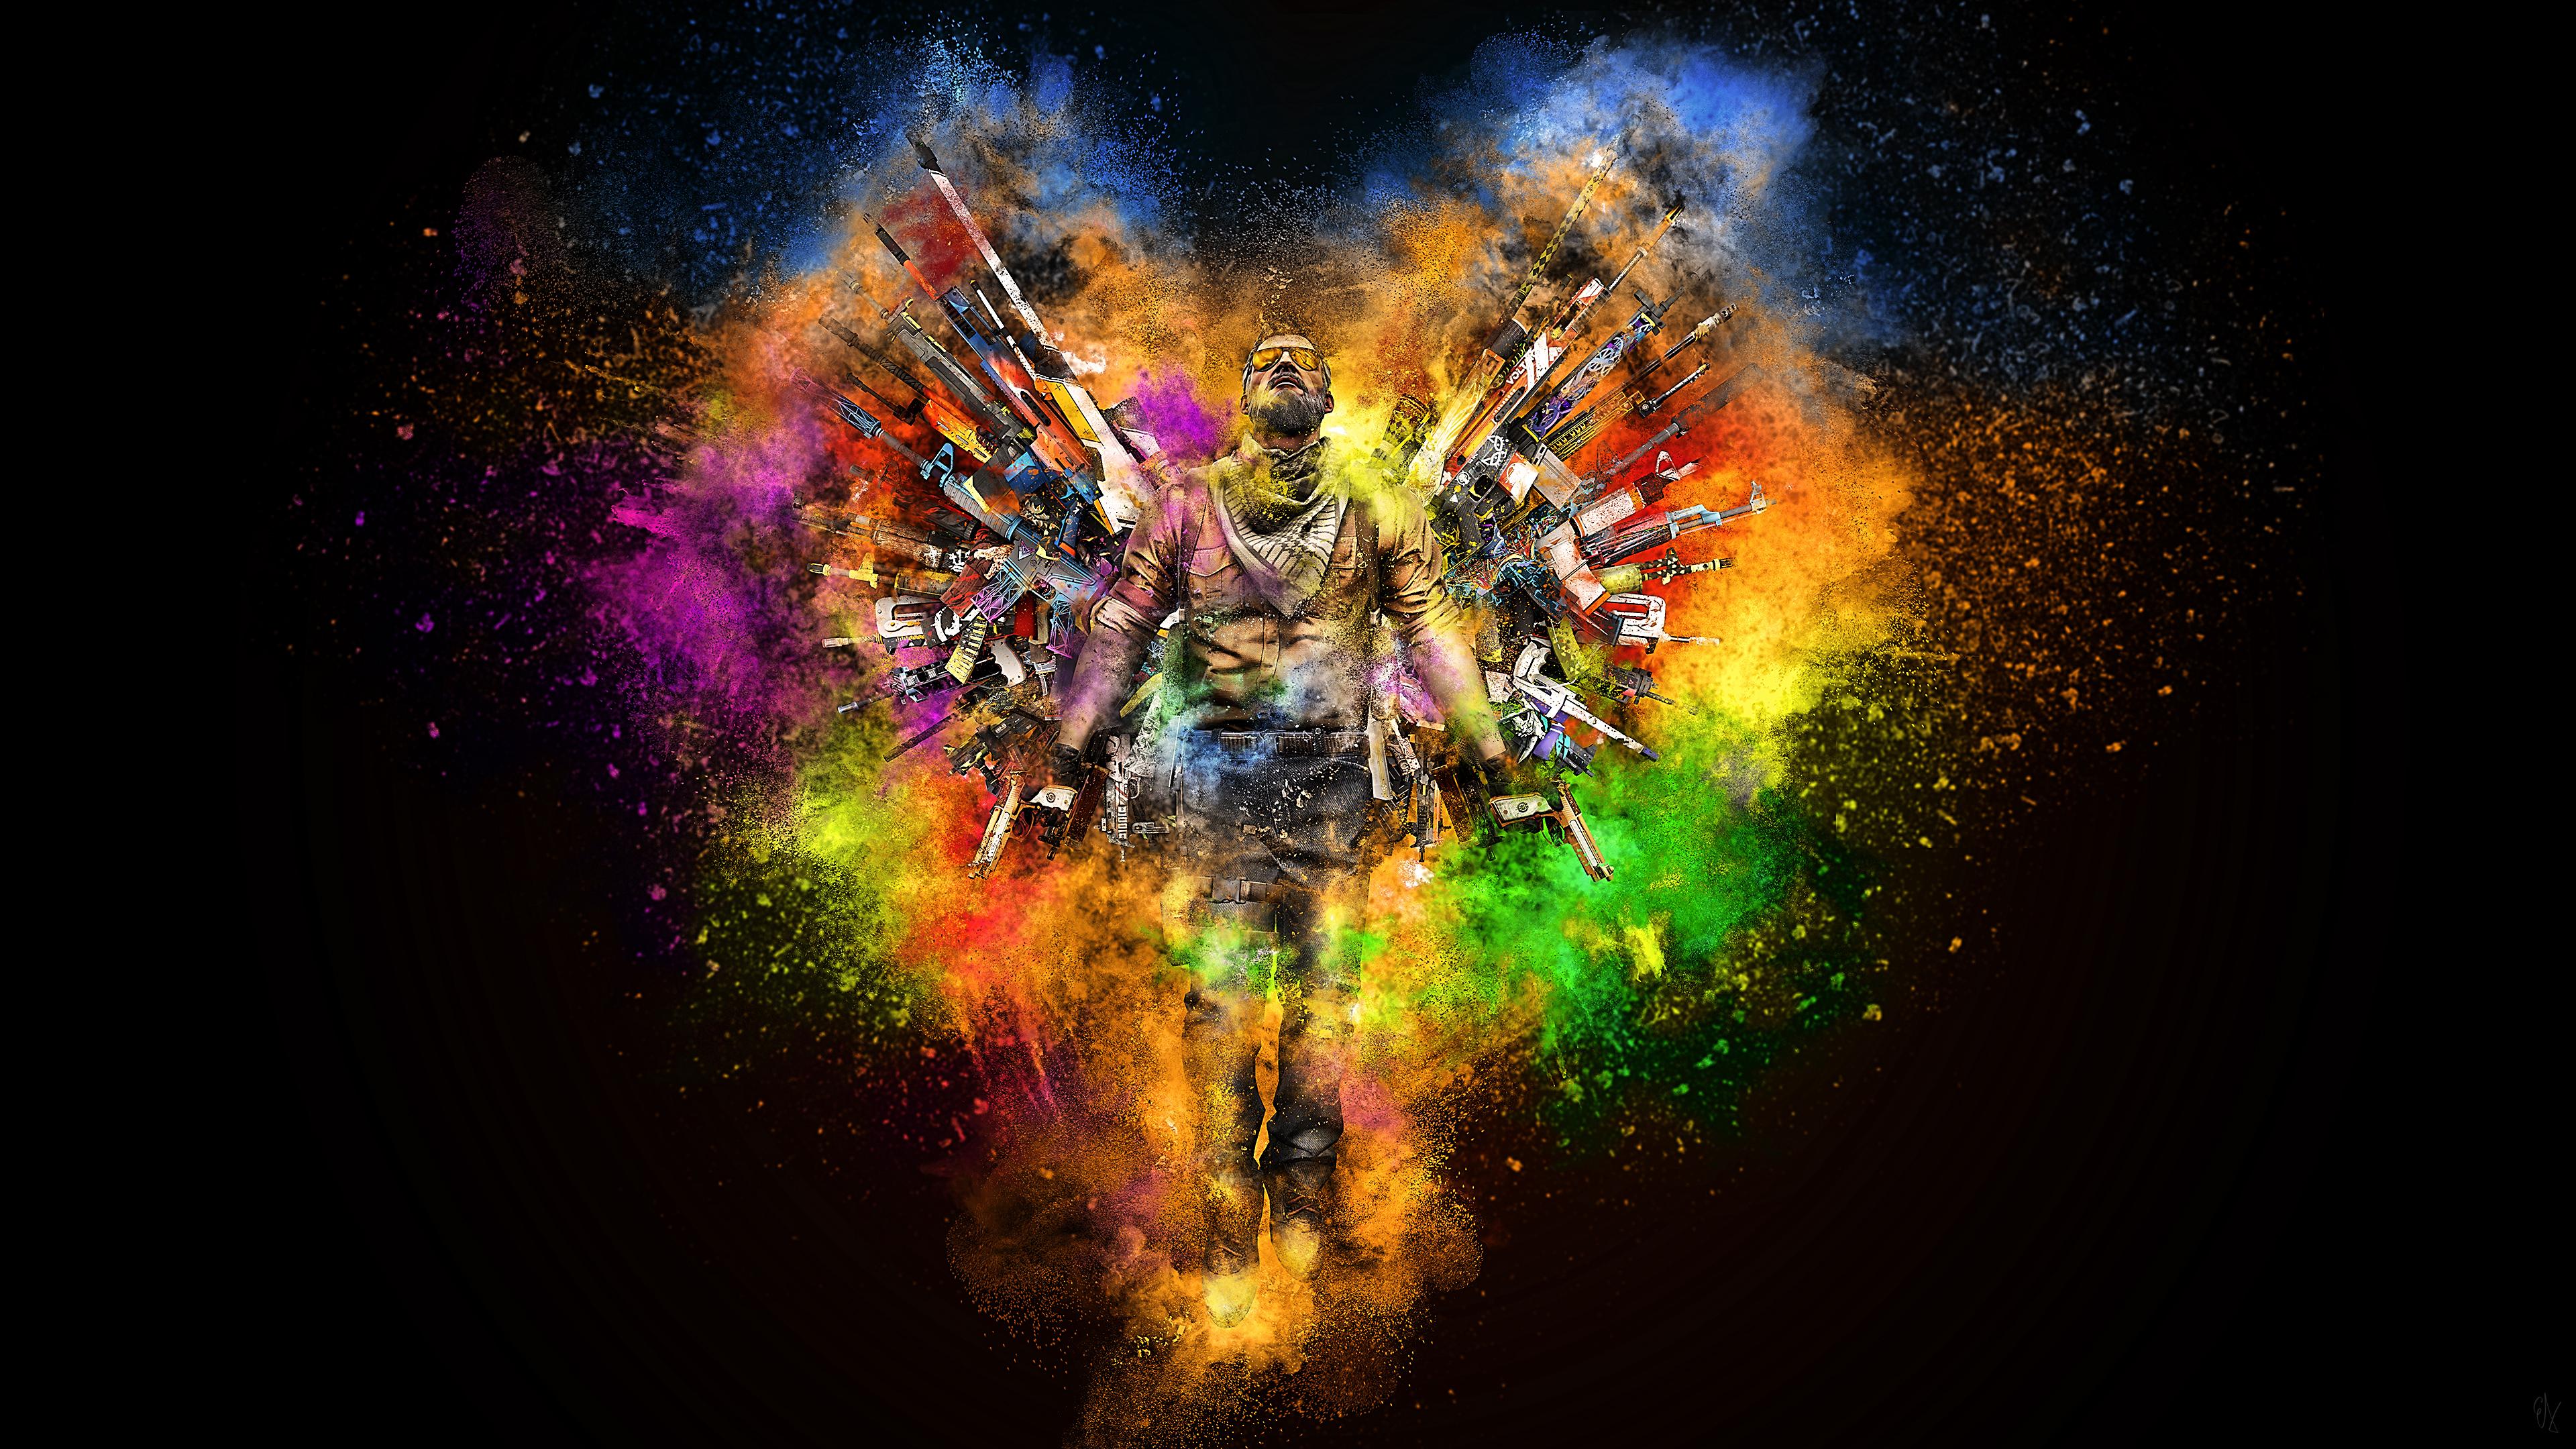 Цветовая палитра цветов на черном фоне- Герой-воин с оружием и стрелами